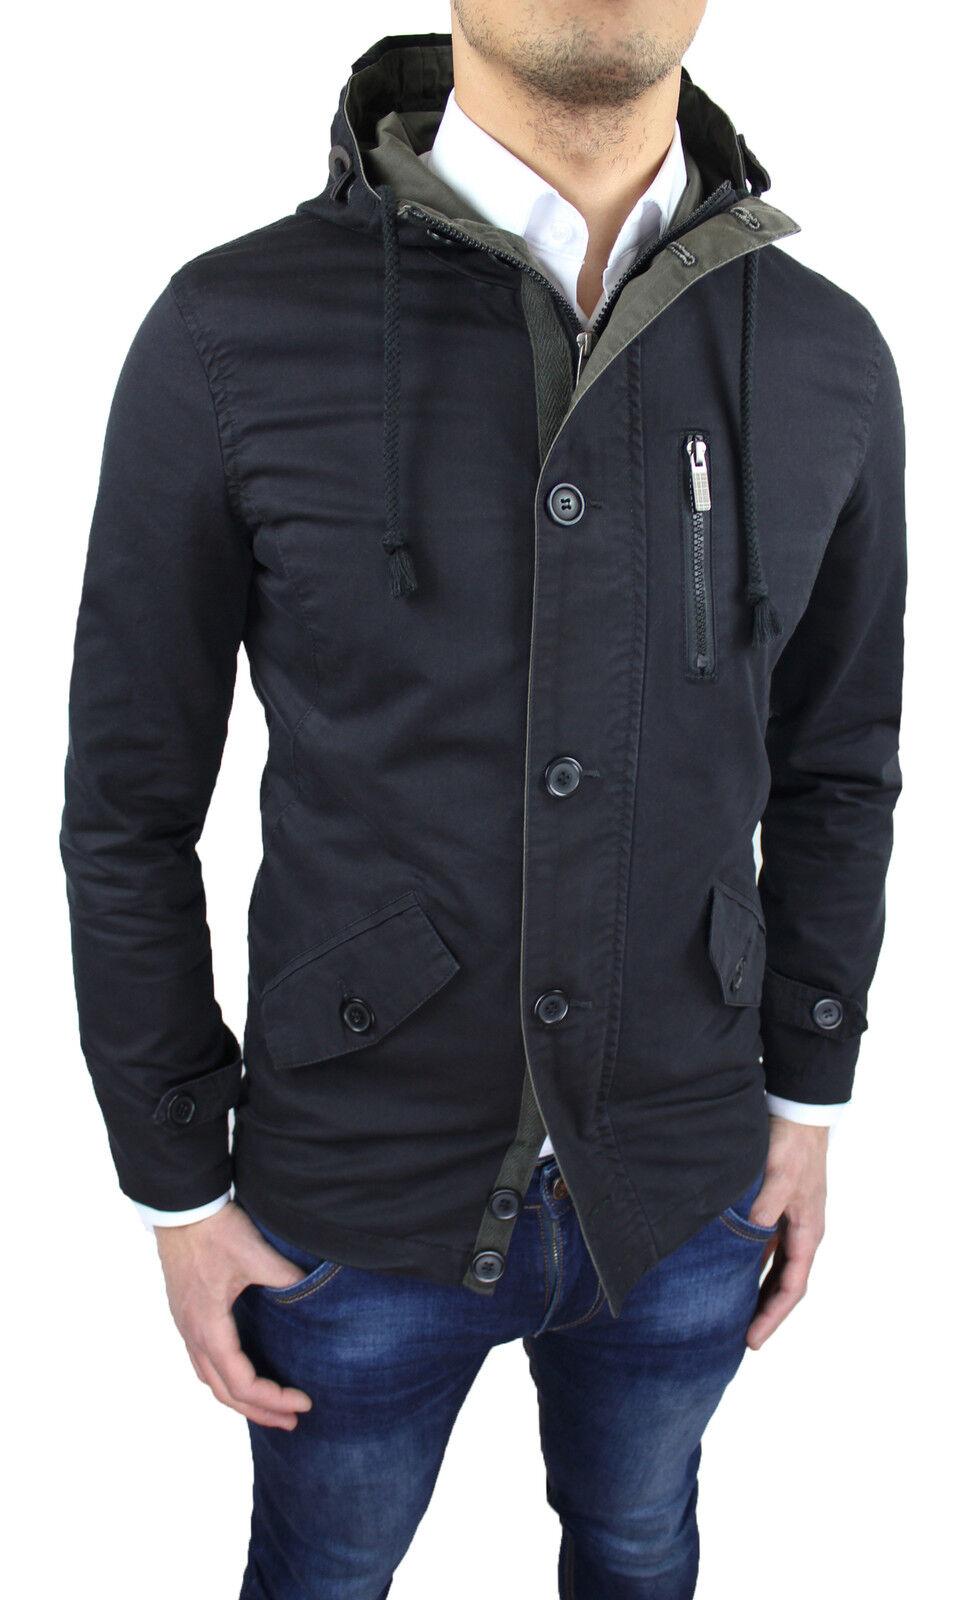 Inverno Uomo Pelliccia Con Pelle Giacca Calda Giacca Pelle ispessimento medio-lungo bavero Cappotto Outwear d8ad2a